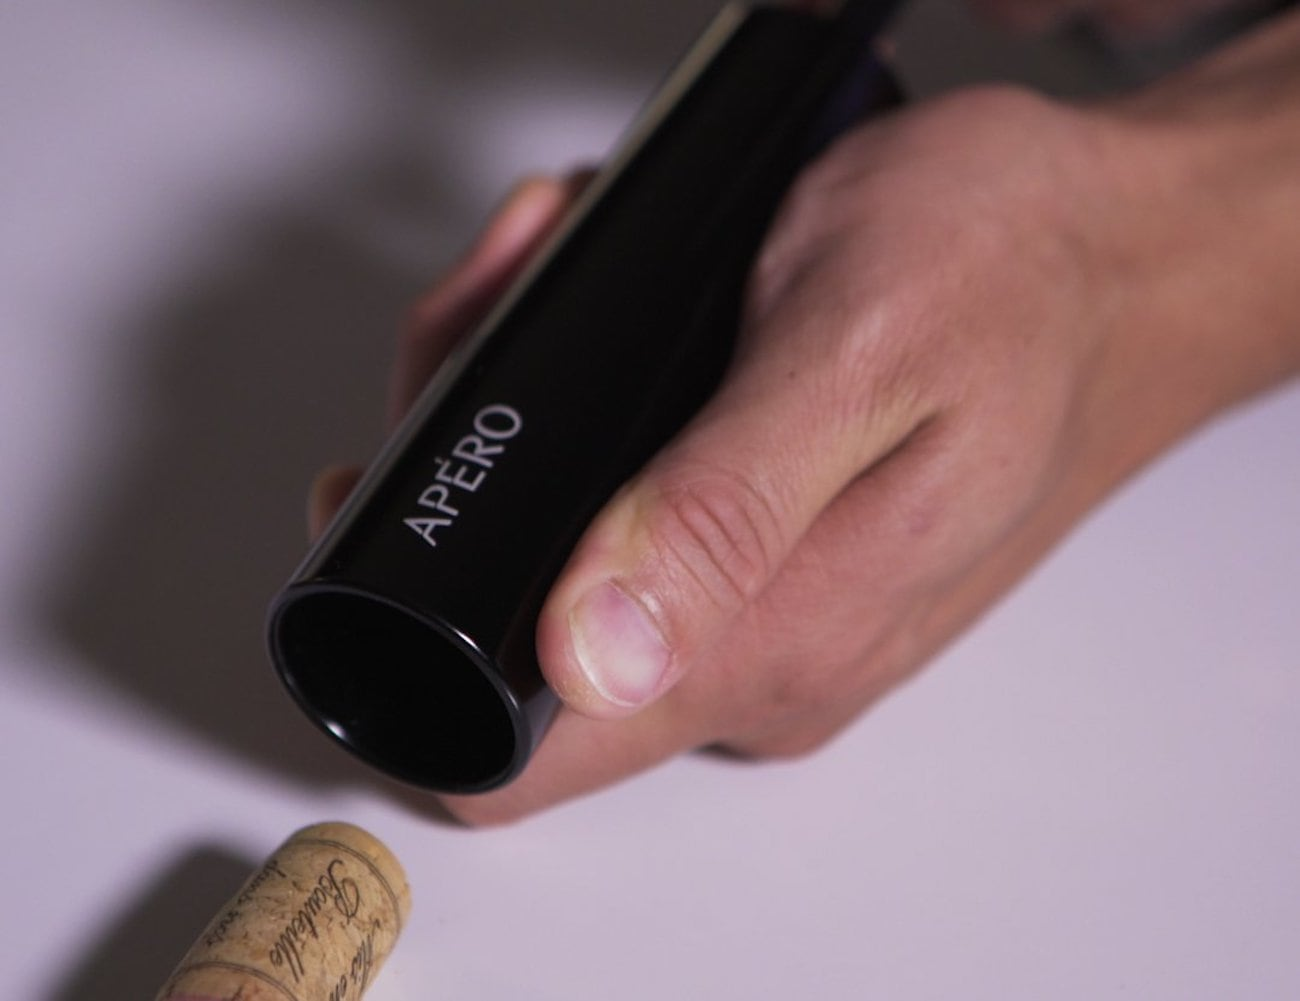 Apèro N2O Powered Wine Opener